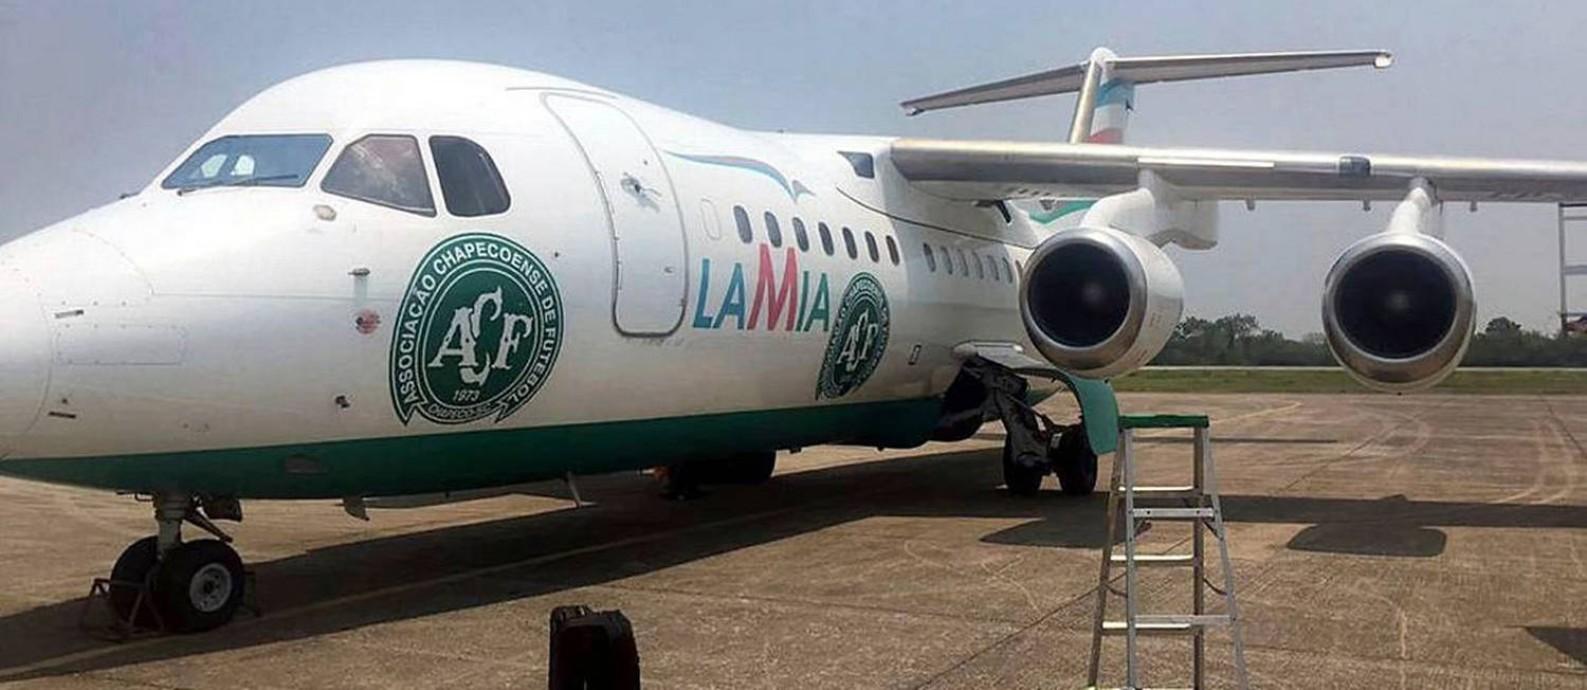 Avião da LaMia que transportou a equipe da Chapecoense, antes de decolar Foto: LatinContent / LatinContent via Getty Images